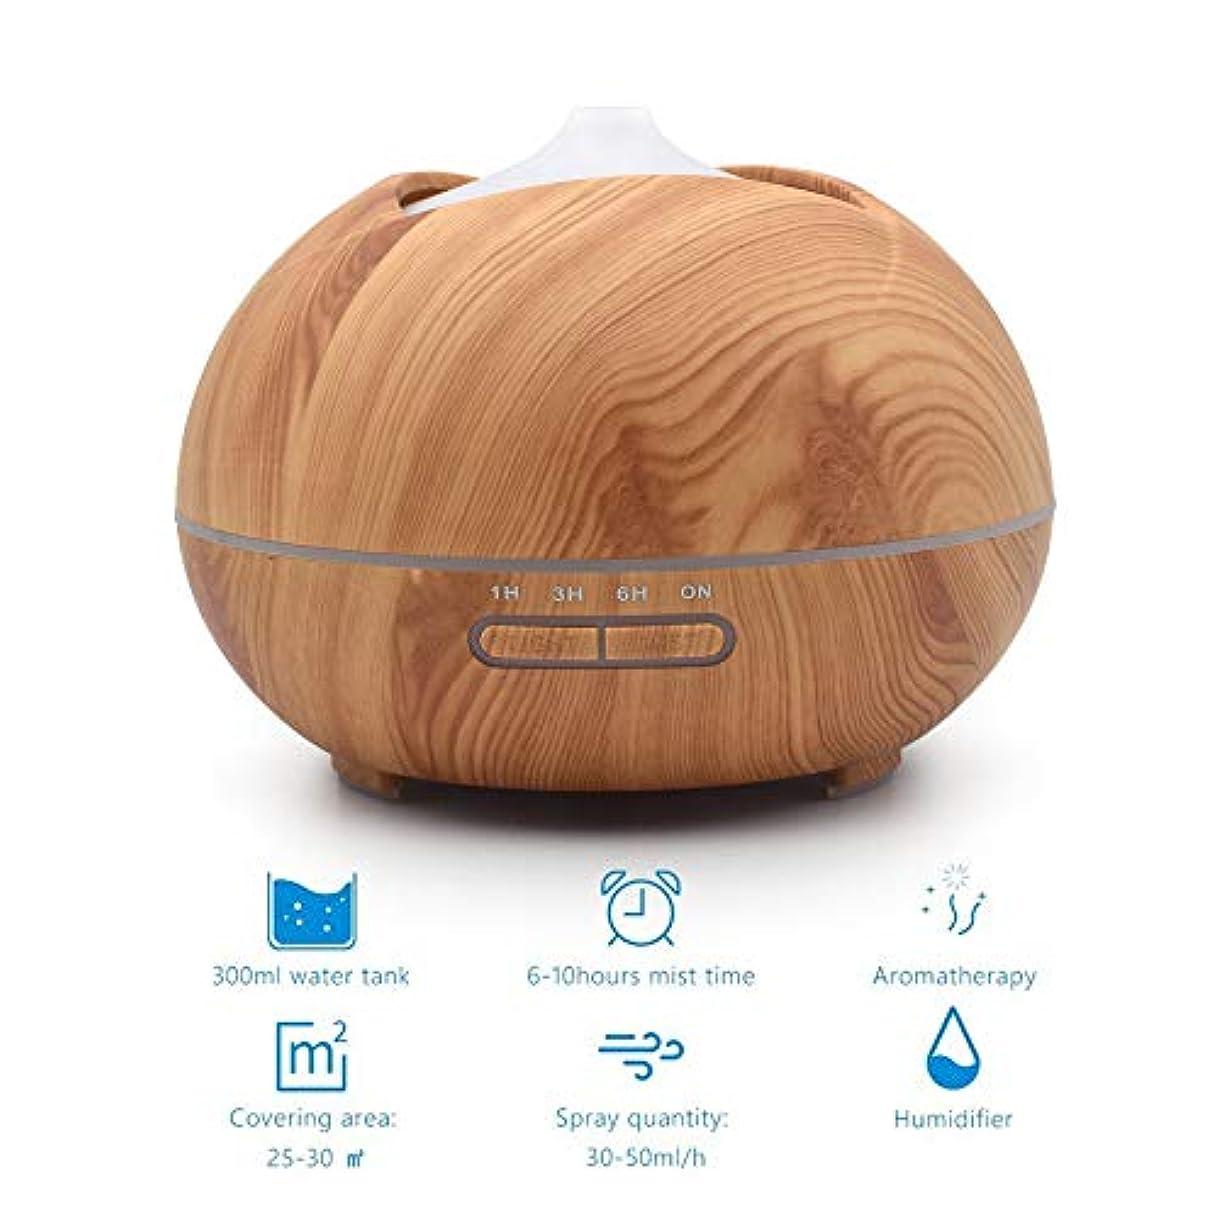 あいにく報復する戻る木目クールミスト加湿器、500ミリリットルアロマセラピーディフューザー付き2ミストモードささやき静かな加湿器用寝室、ホーム、オフィス,lightwoodgrain